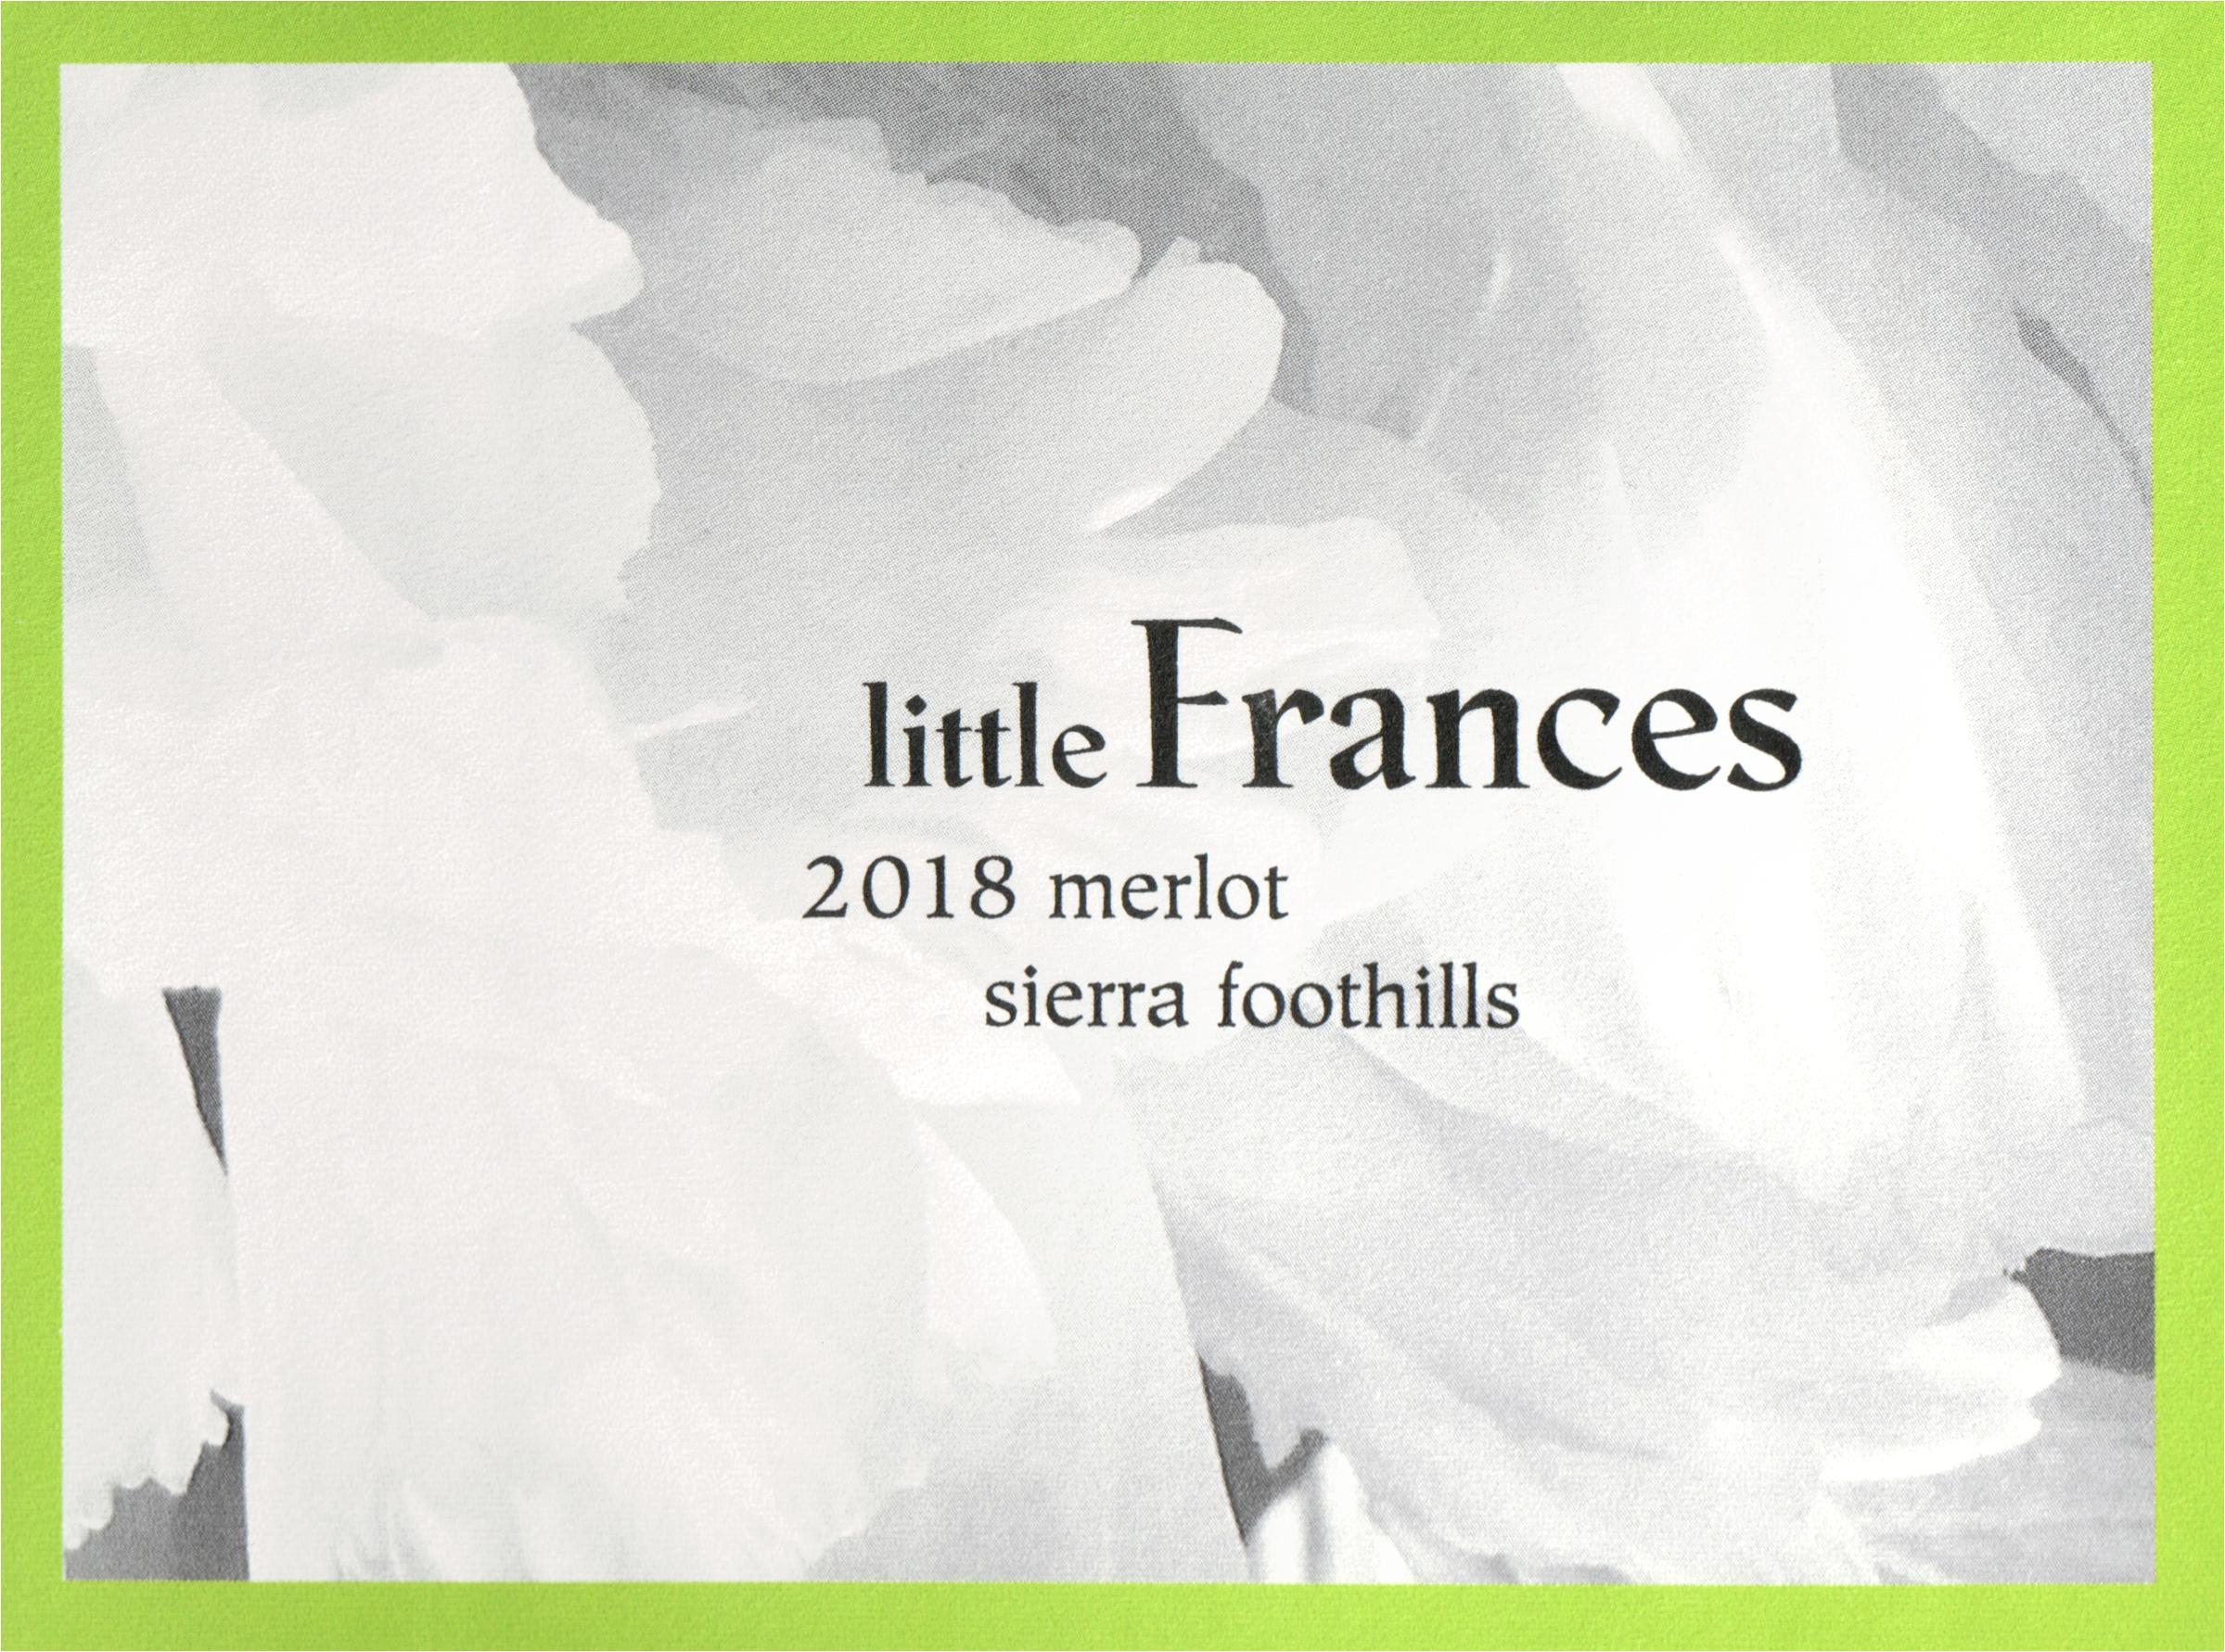 Little Frances Merlot Sierra Foothills 2018